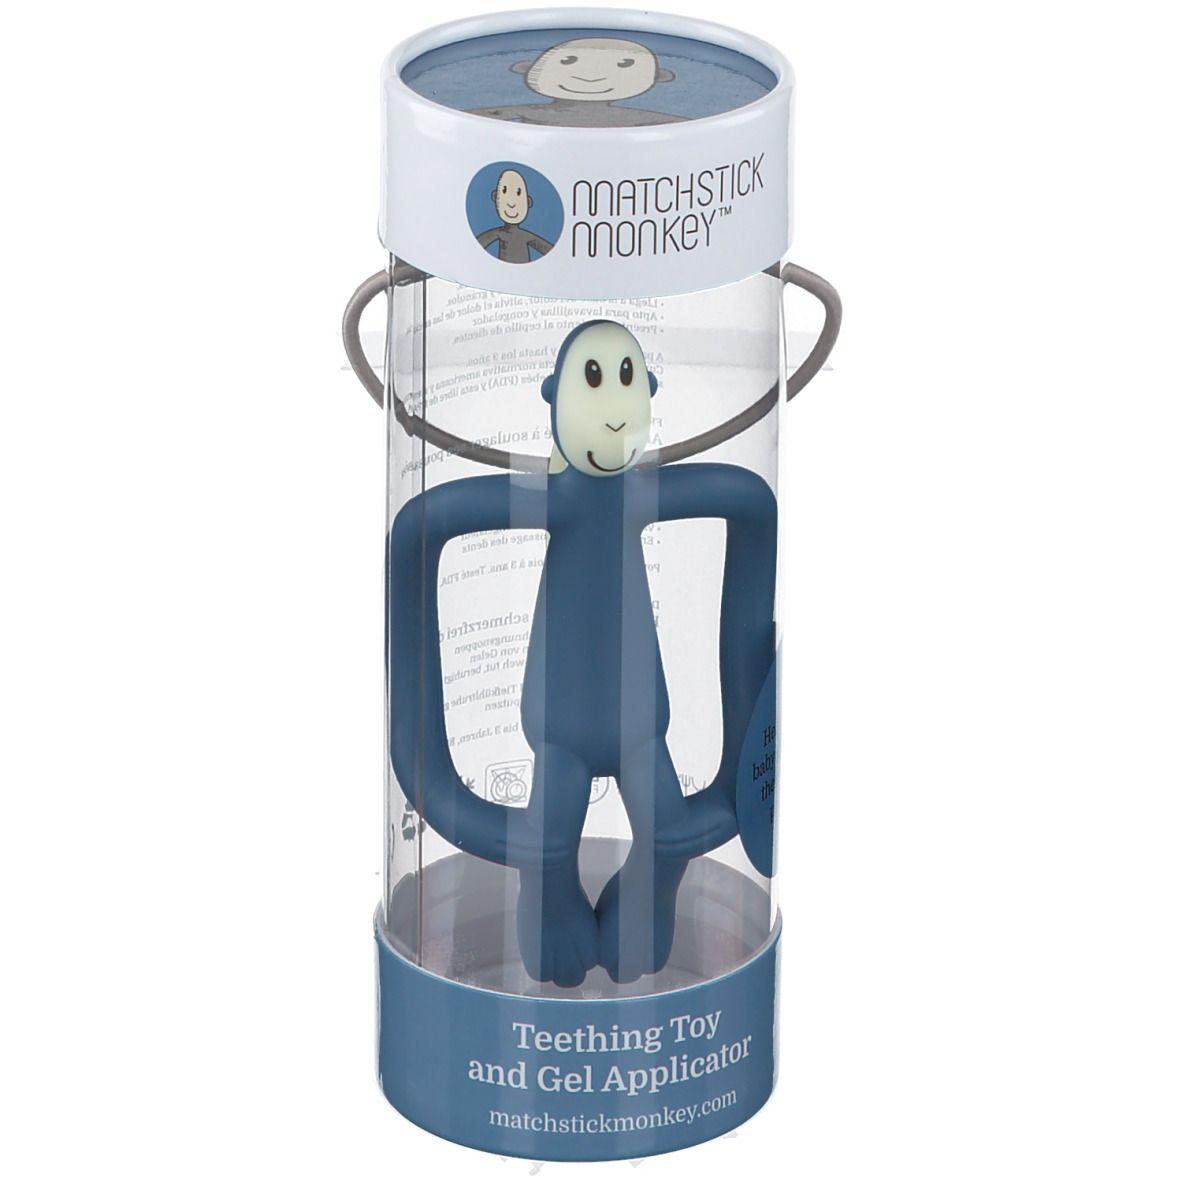 Avent Matchstick Monkey Anneau de dentition Bleu ciel pc(s) anneau(x) de dentition